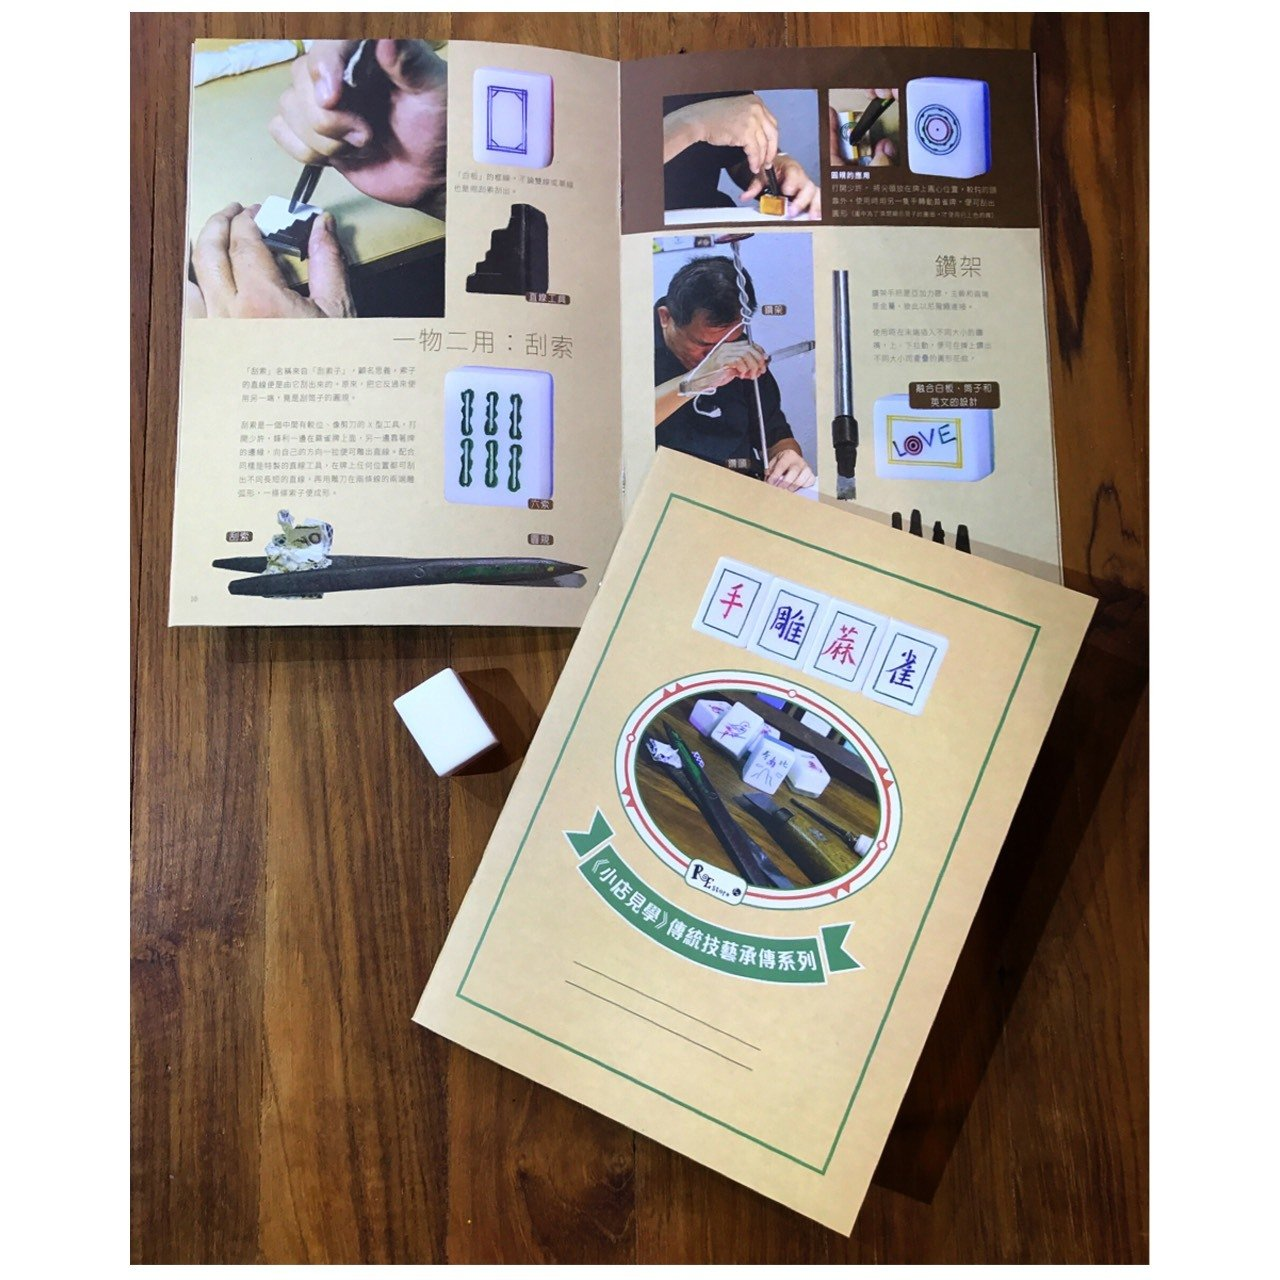 [套裝]《小店見學》傳統技藝承傳系列 1 - 手雕蔴雀